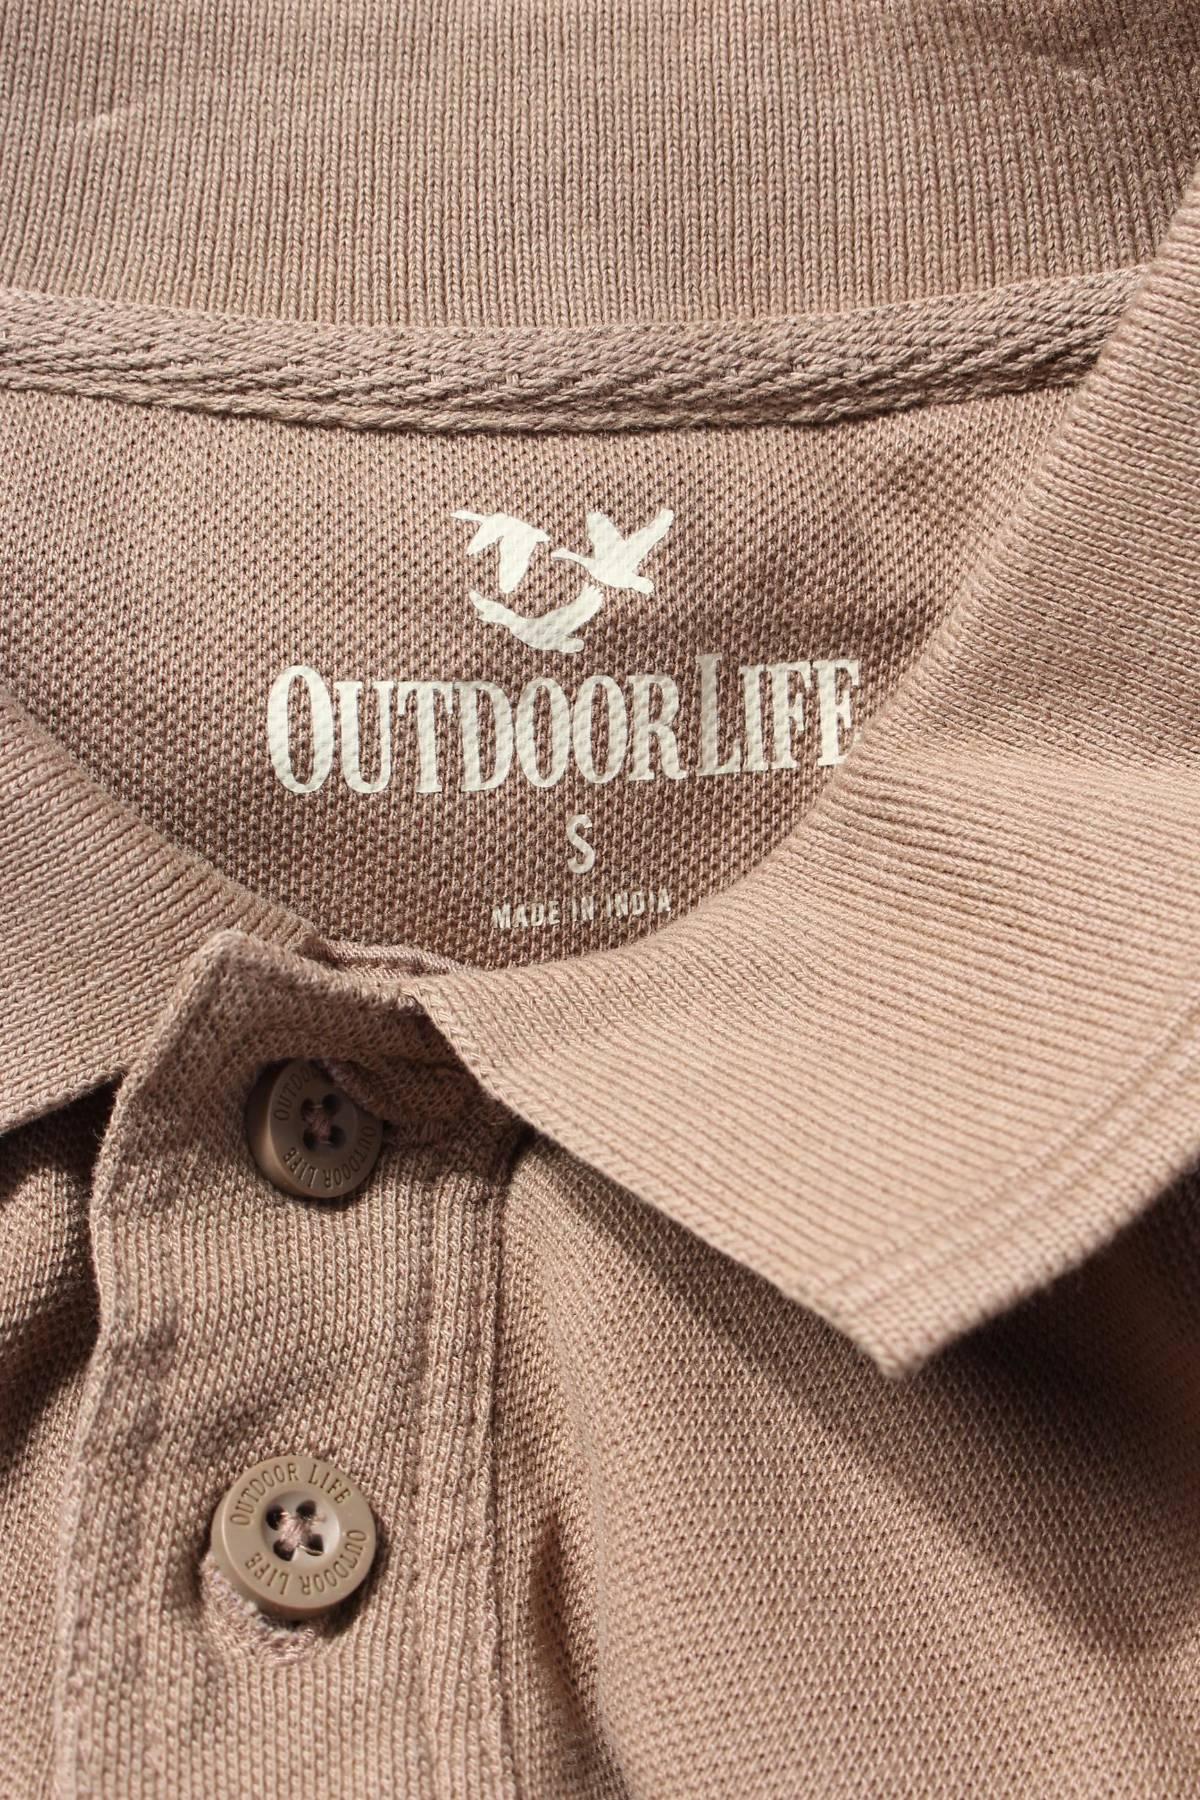 Мъжка тениска Outdoor Life2